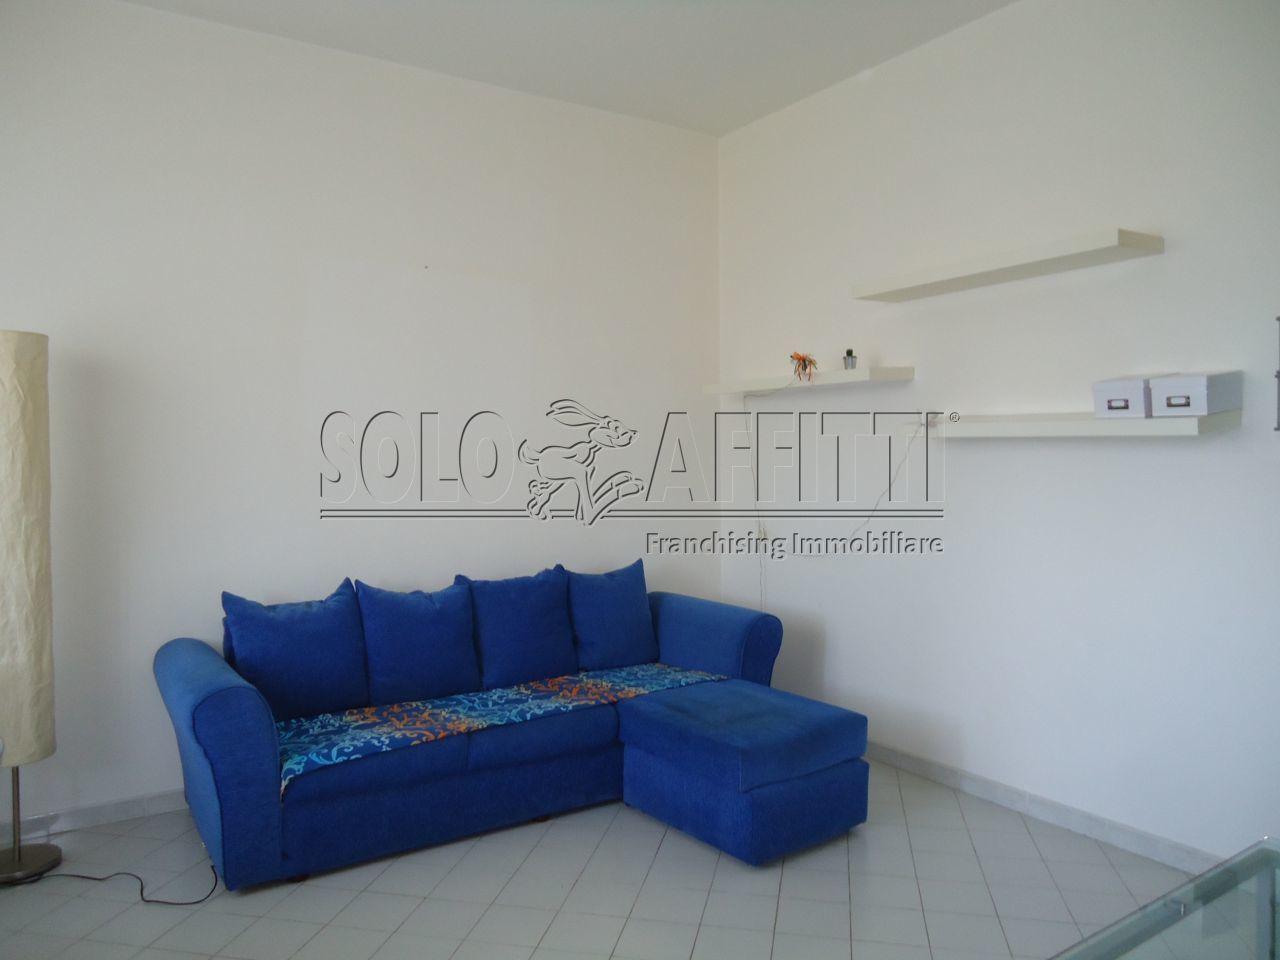 Appartamento - Bilocale a Centrale, Santa Croce sull'Arno